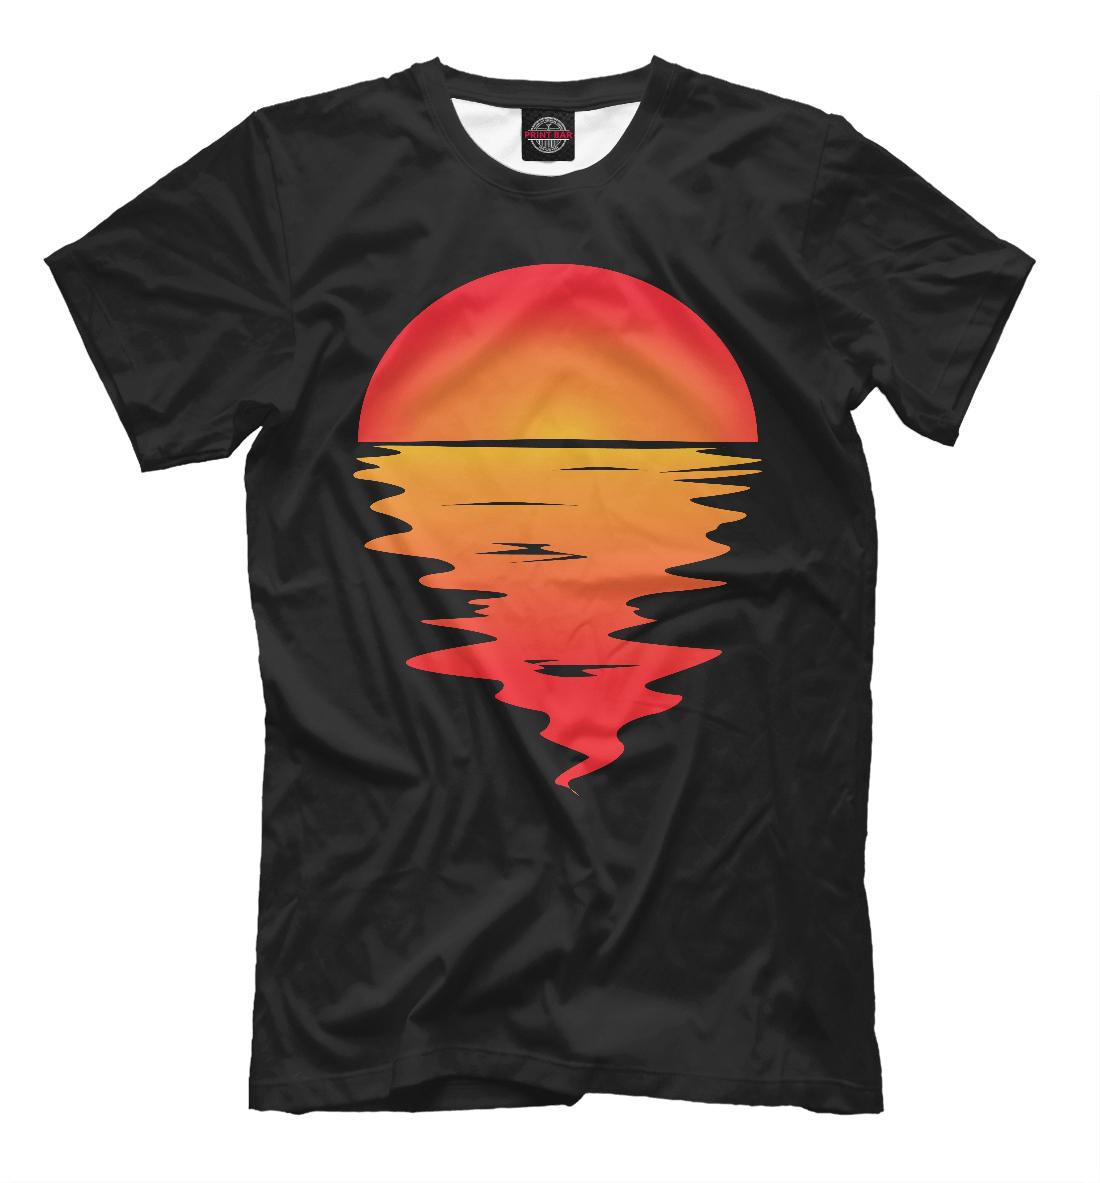 Купить Sunset, Printbar, Футболки, SUN-868166-fut-2